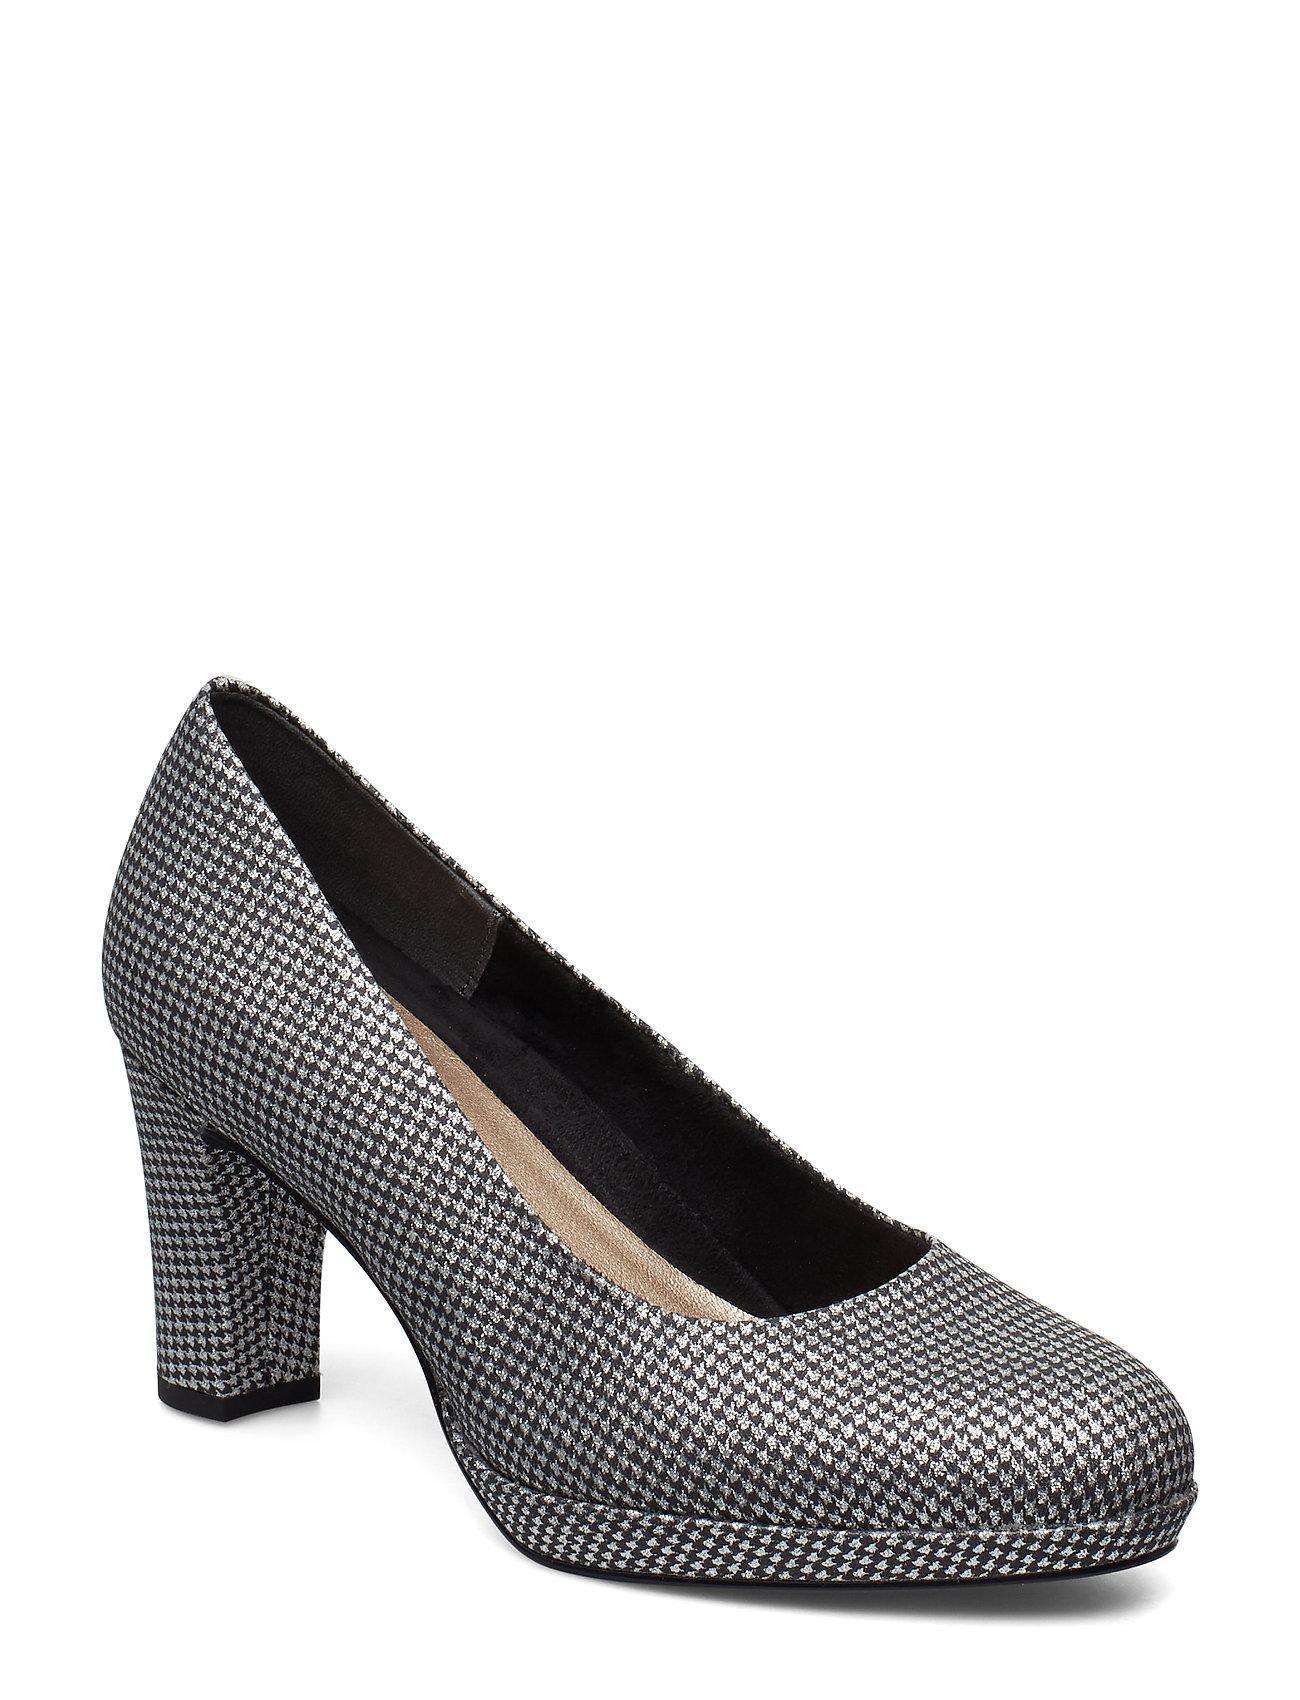 Tamaris Woms Court Shoe - PLAT.GLAM STR.